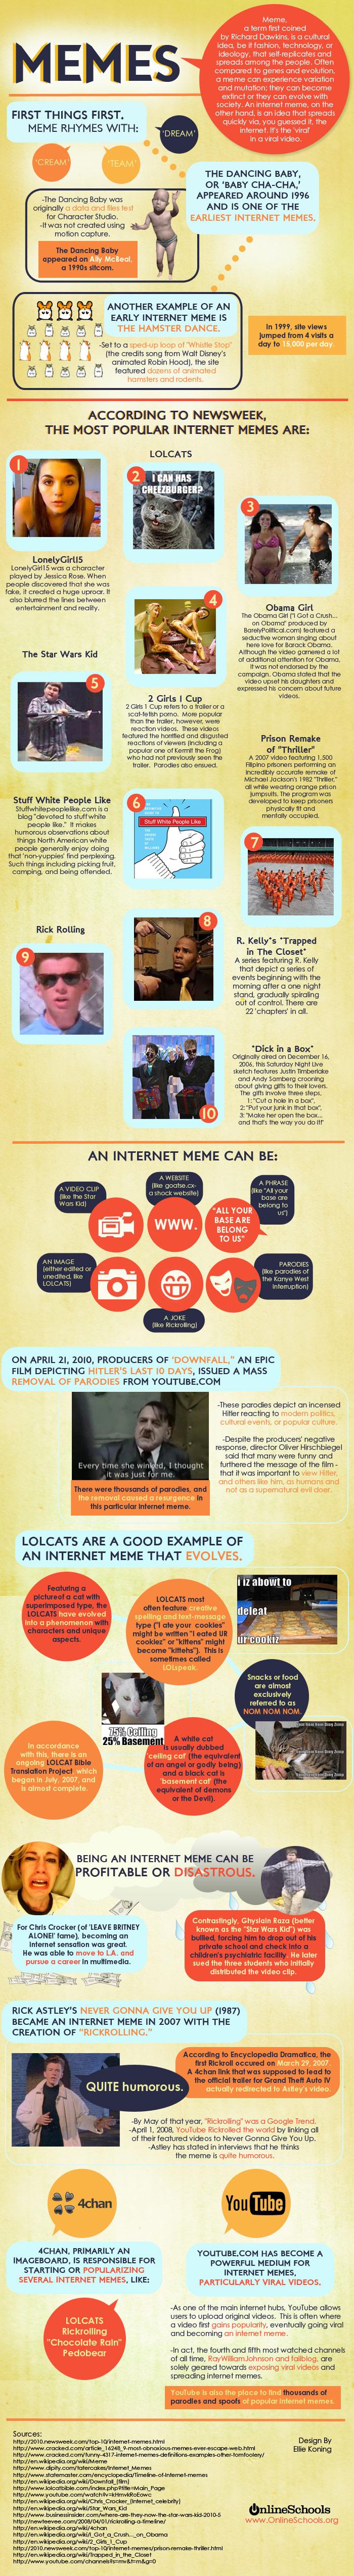 Infográfico sobre os principais memes da internet